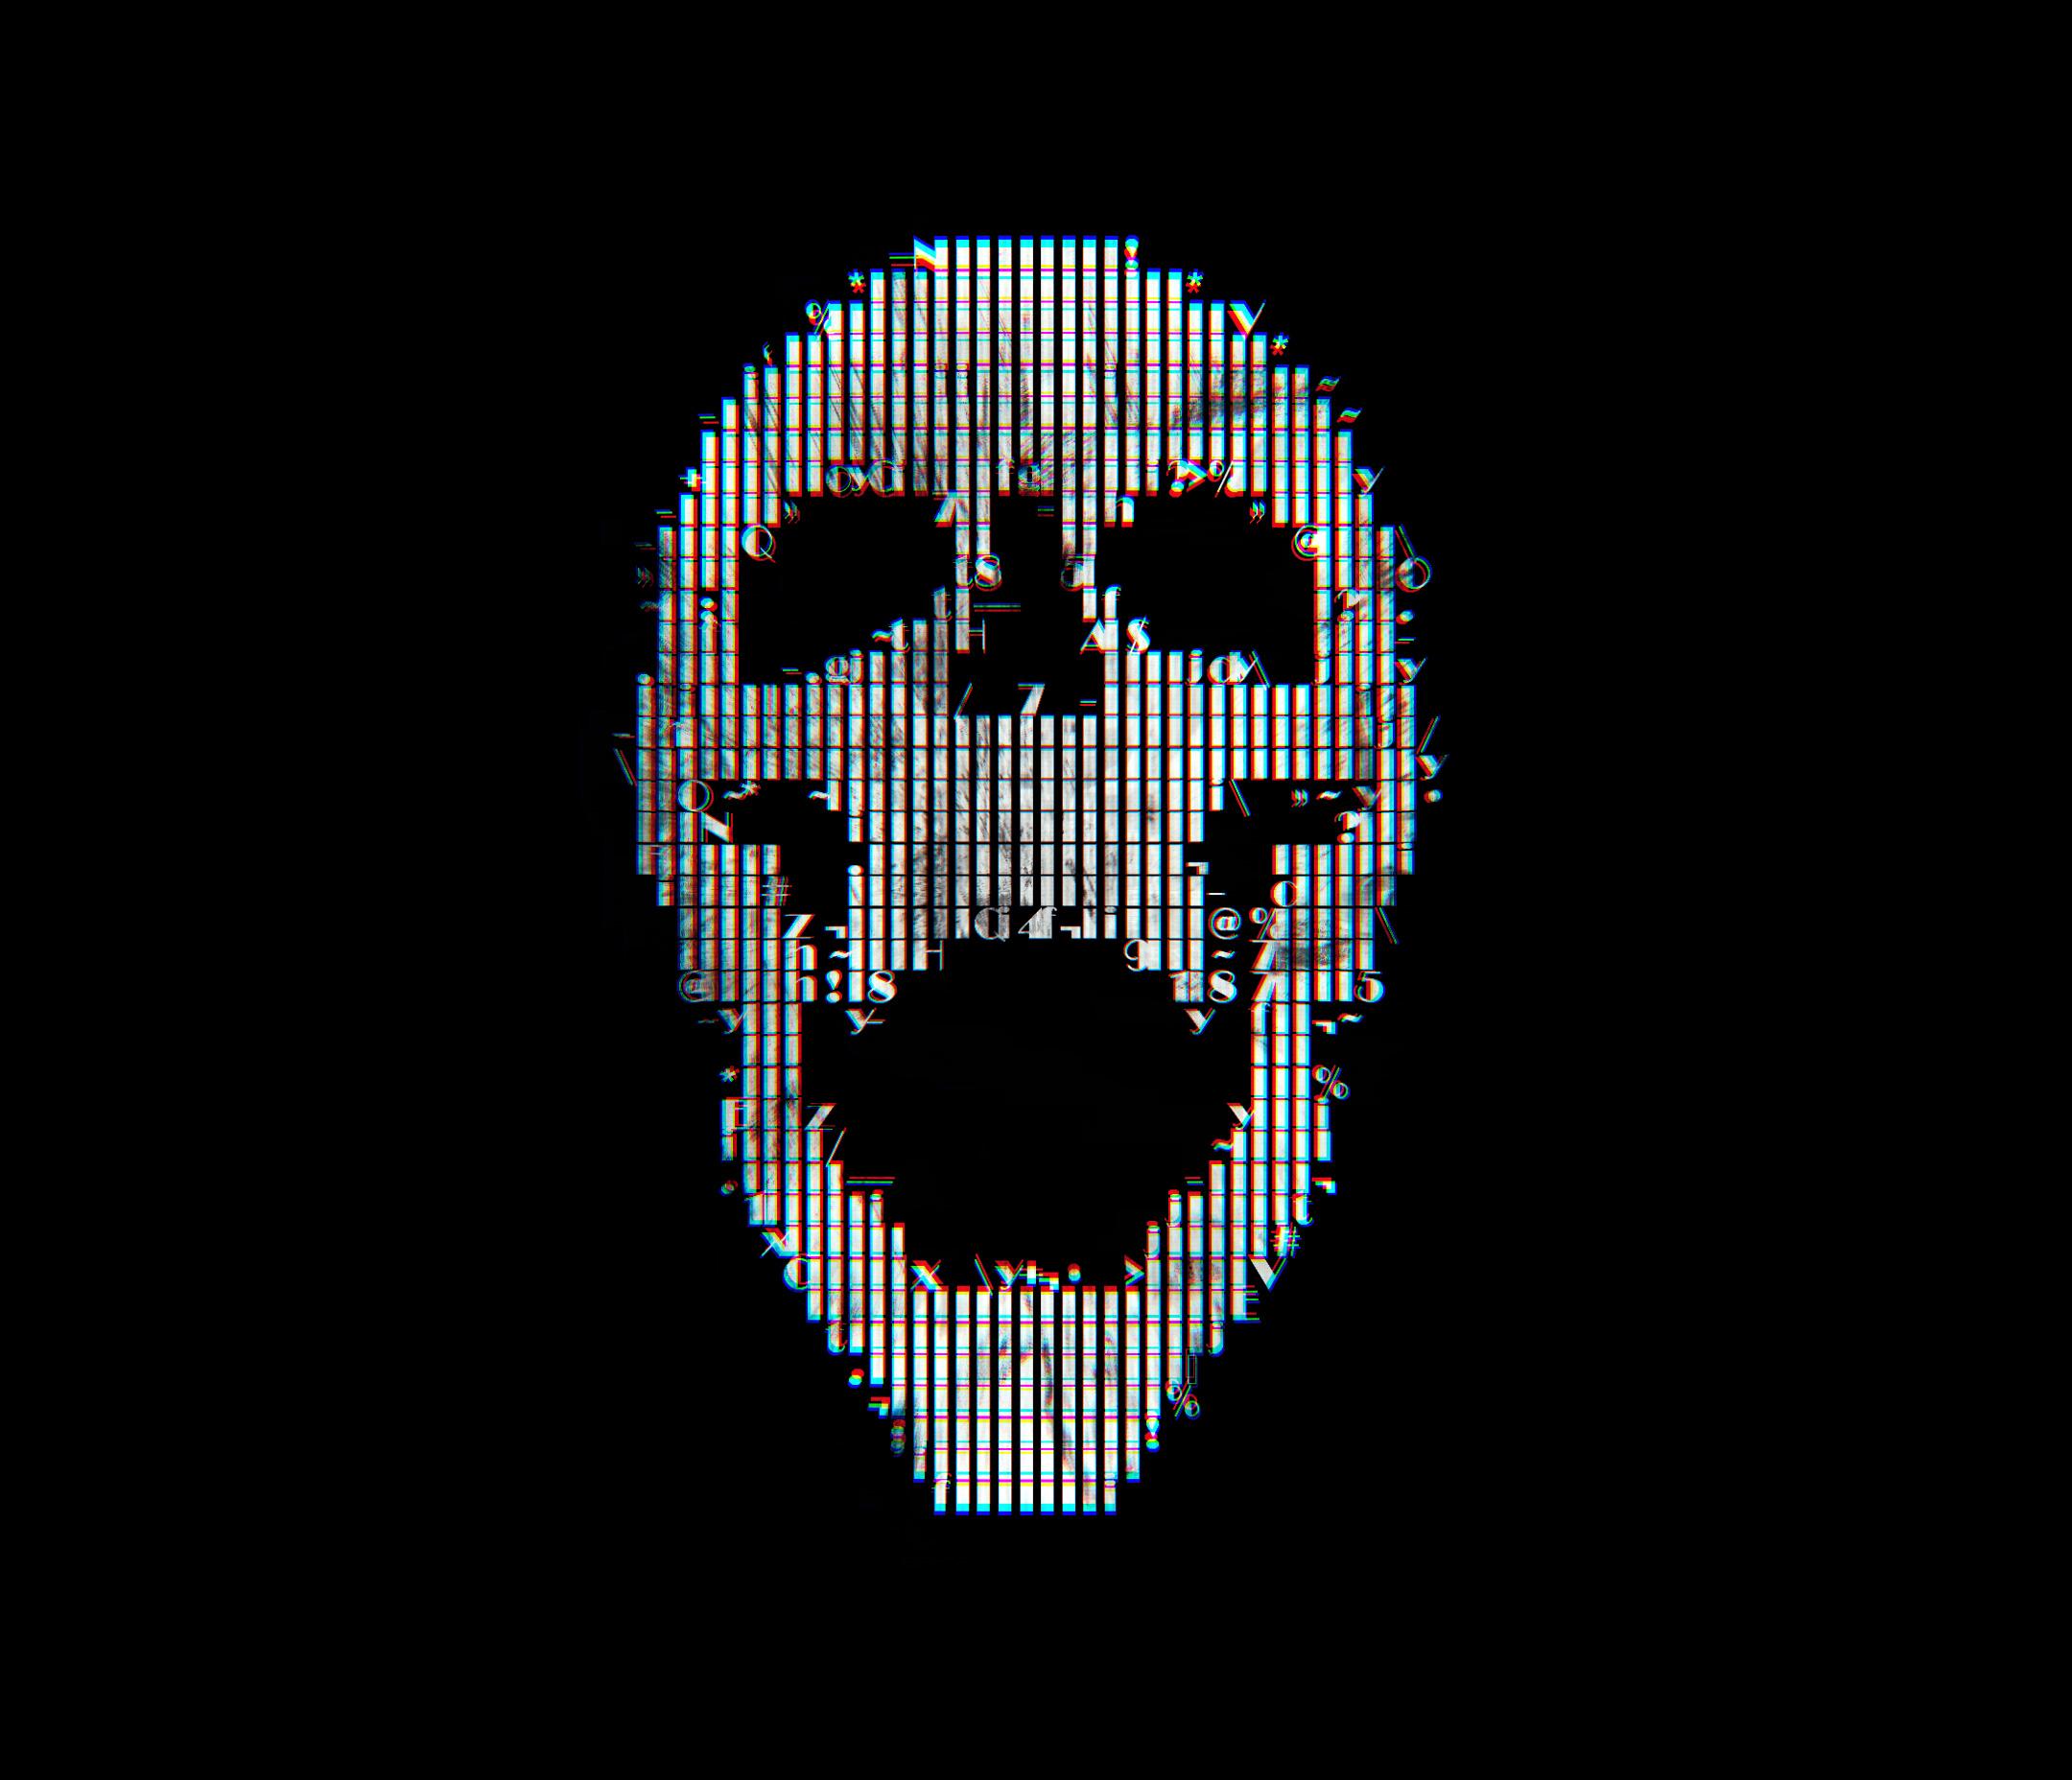 1152x864 Glitch Art Skull Abstract 1152x864 Resolution Hd 4k